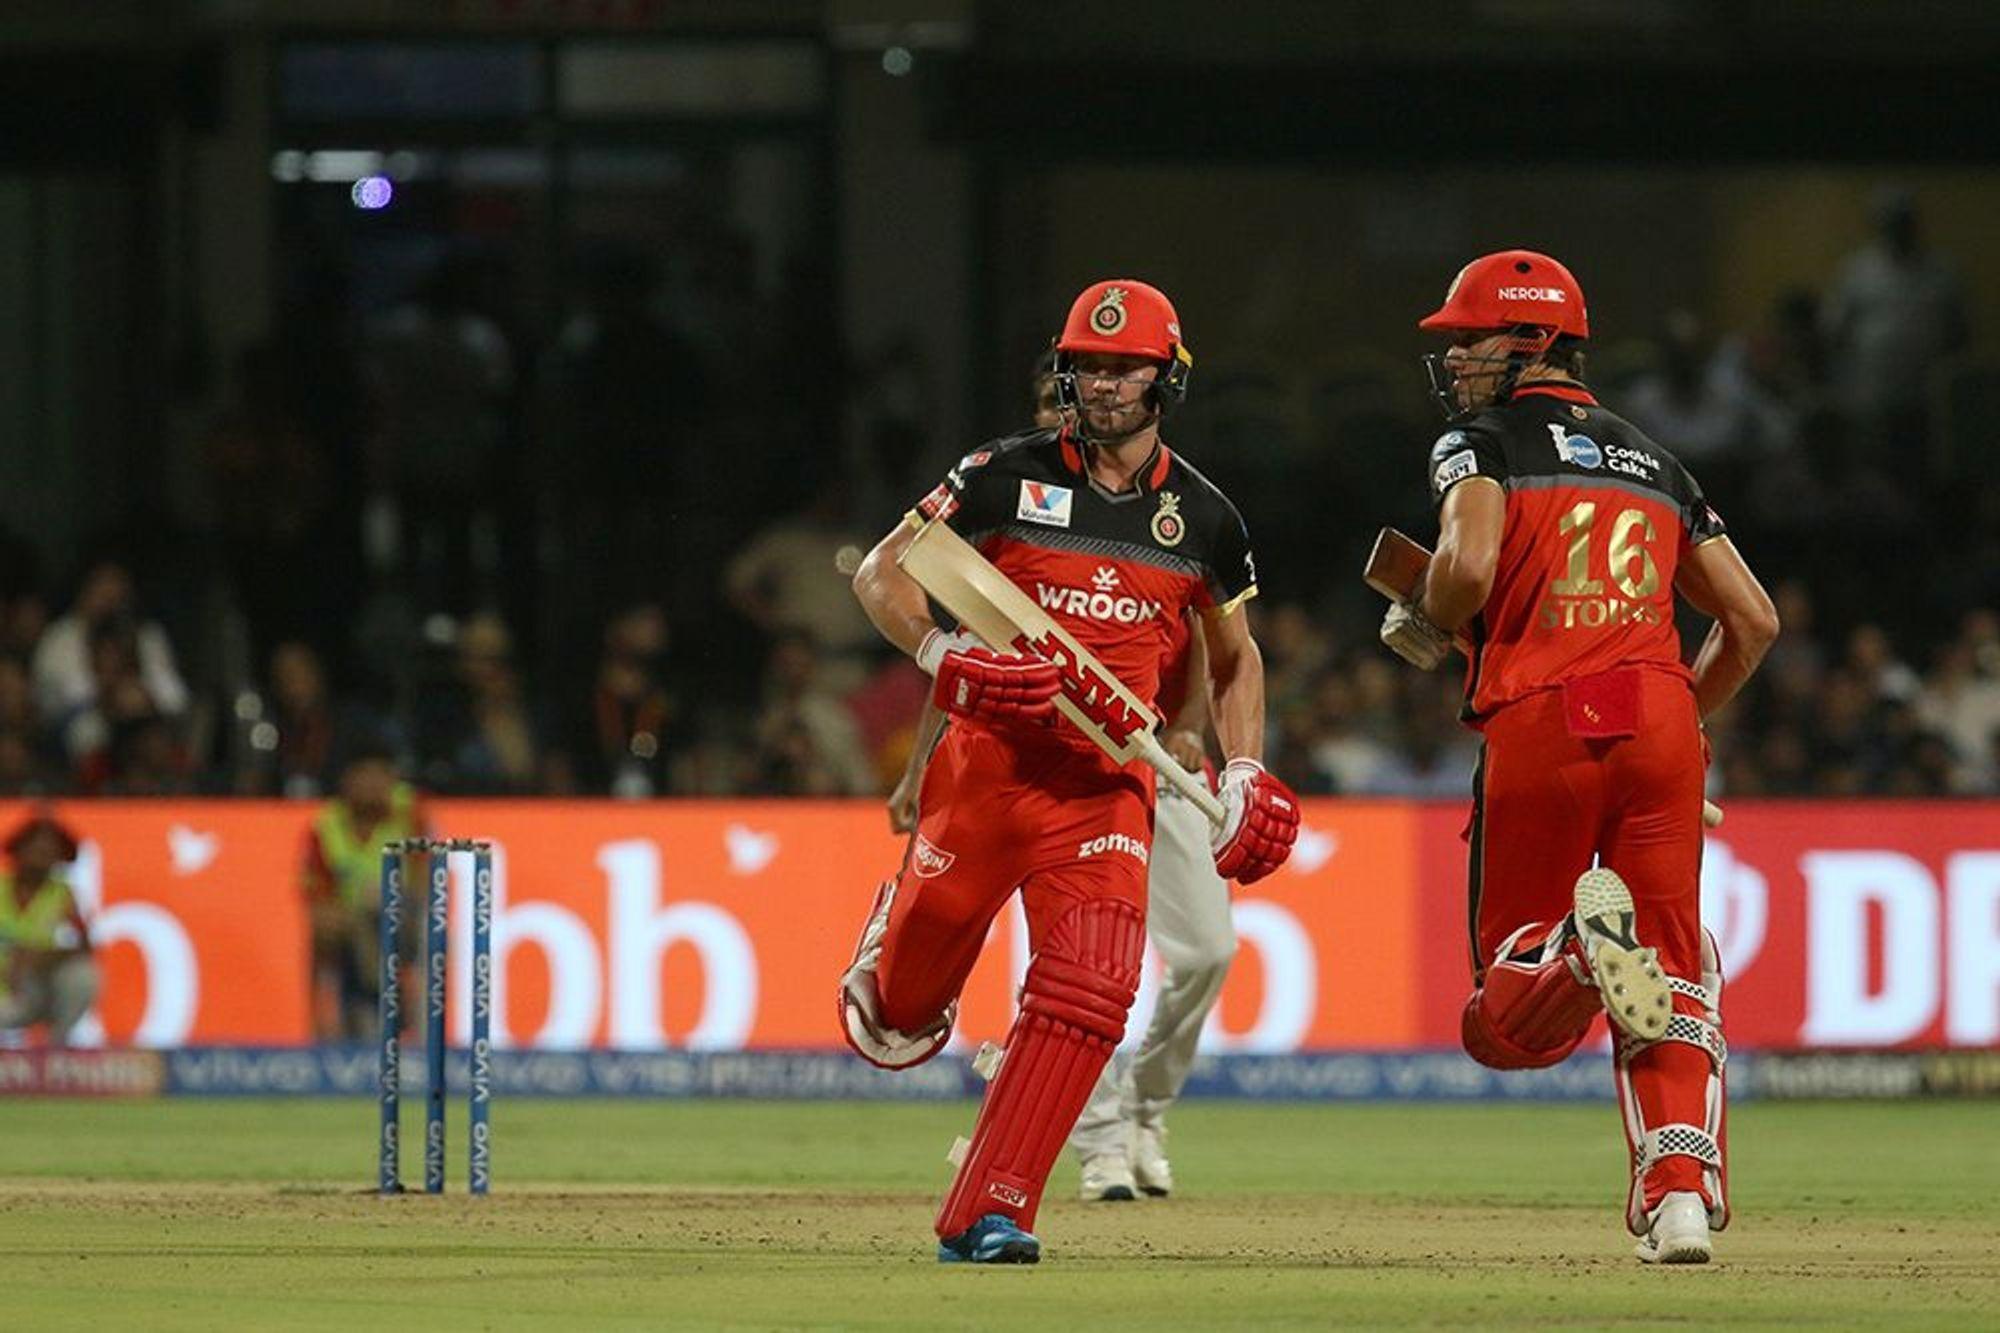 रॉयल चैलेंजर्स बैंगलोर के खिलाफ किंग्स इलेवन पंजाब की हार के ये रहे 3 प्रमुख कारण 3